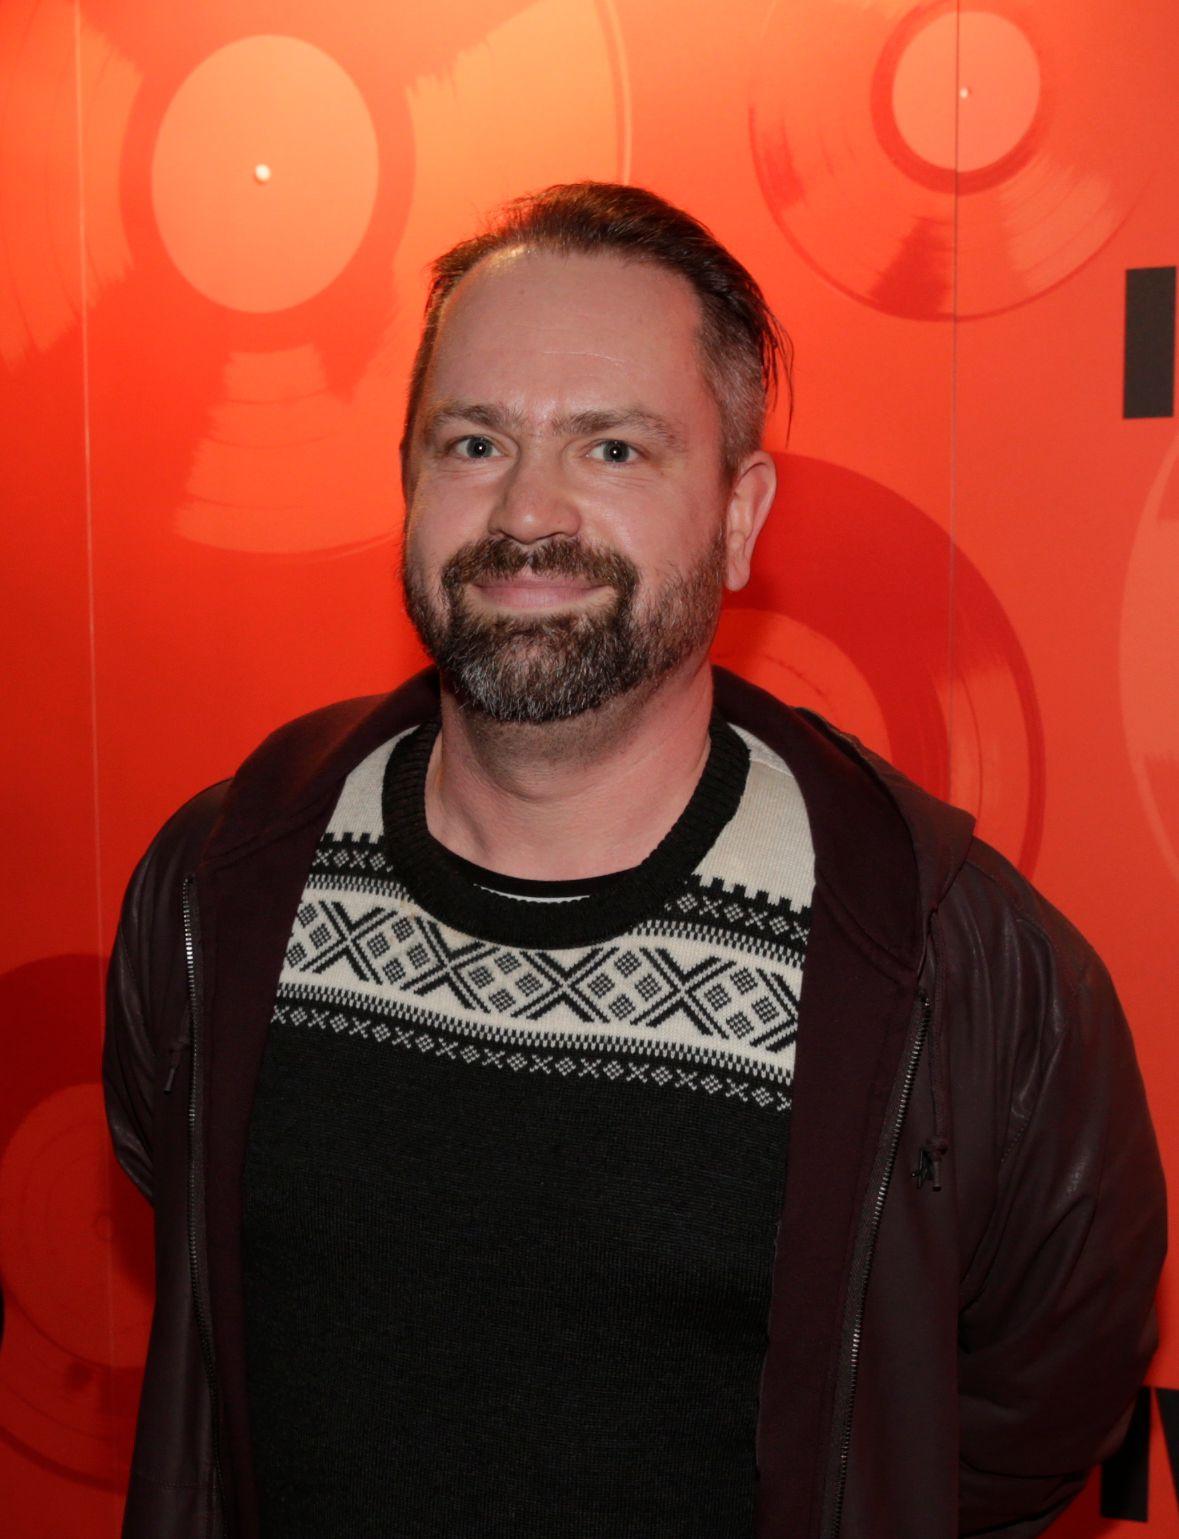 HAR FORSTÅELSE: Asbjørn Slettemark. Foto: FRODE HANSEN